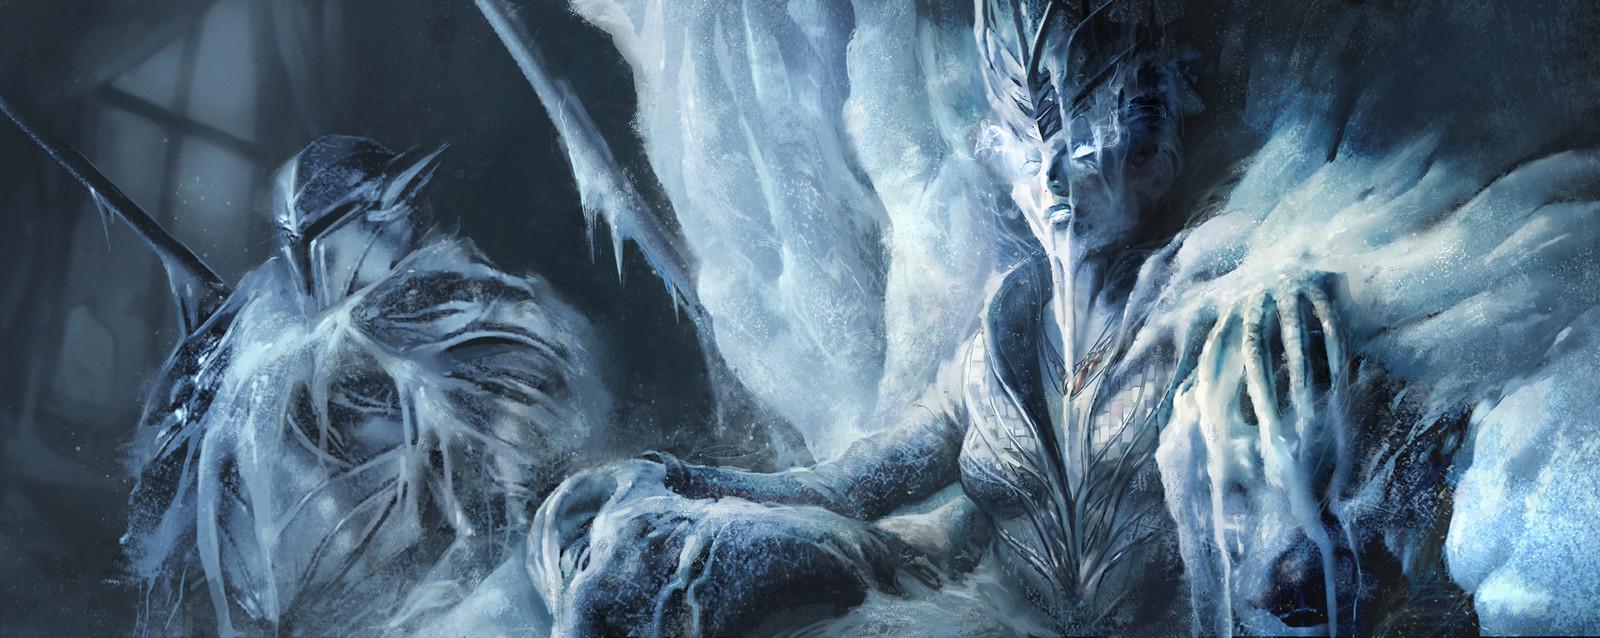 2D Frozen Throne